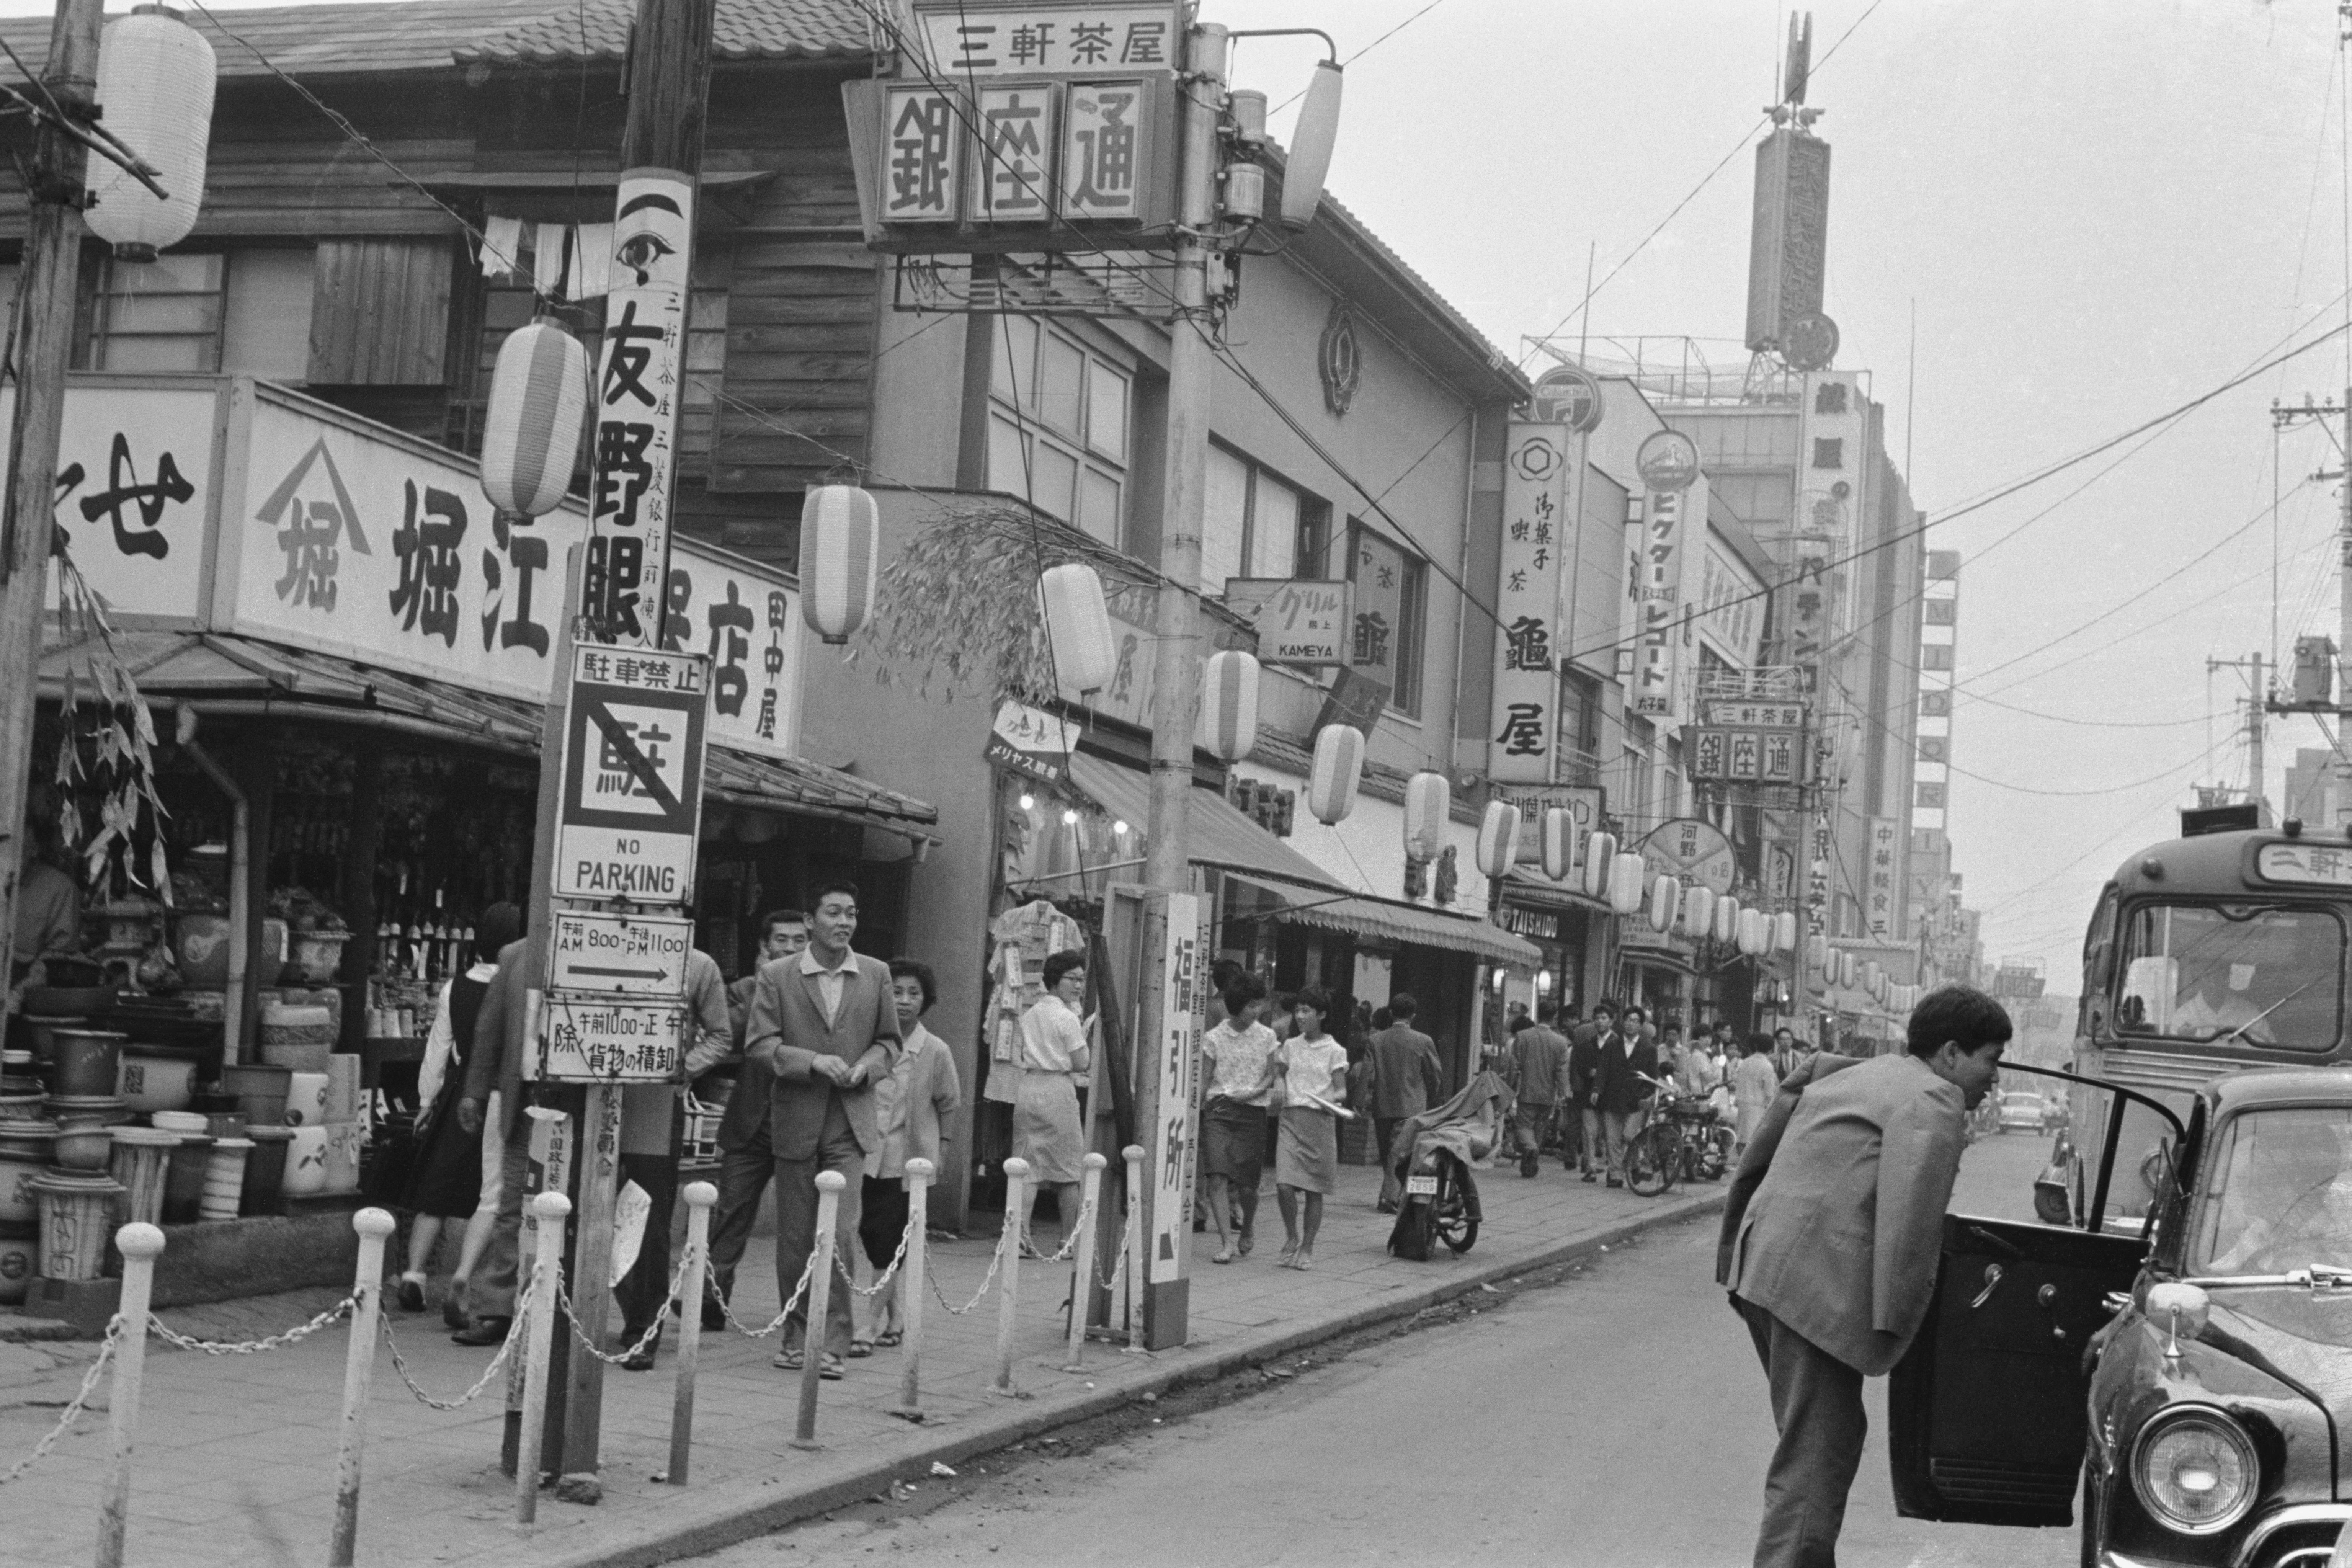 「想い出の昭和女子大学・三軒茶屋写真展~100年分の輝きとともに、ネクストステージへ~」6月1日より一般公開